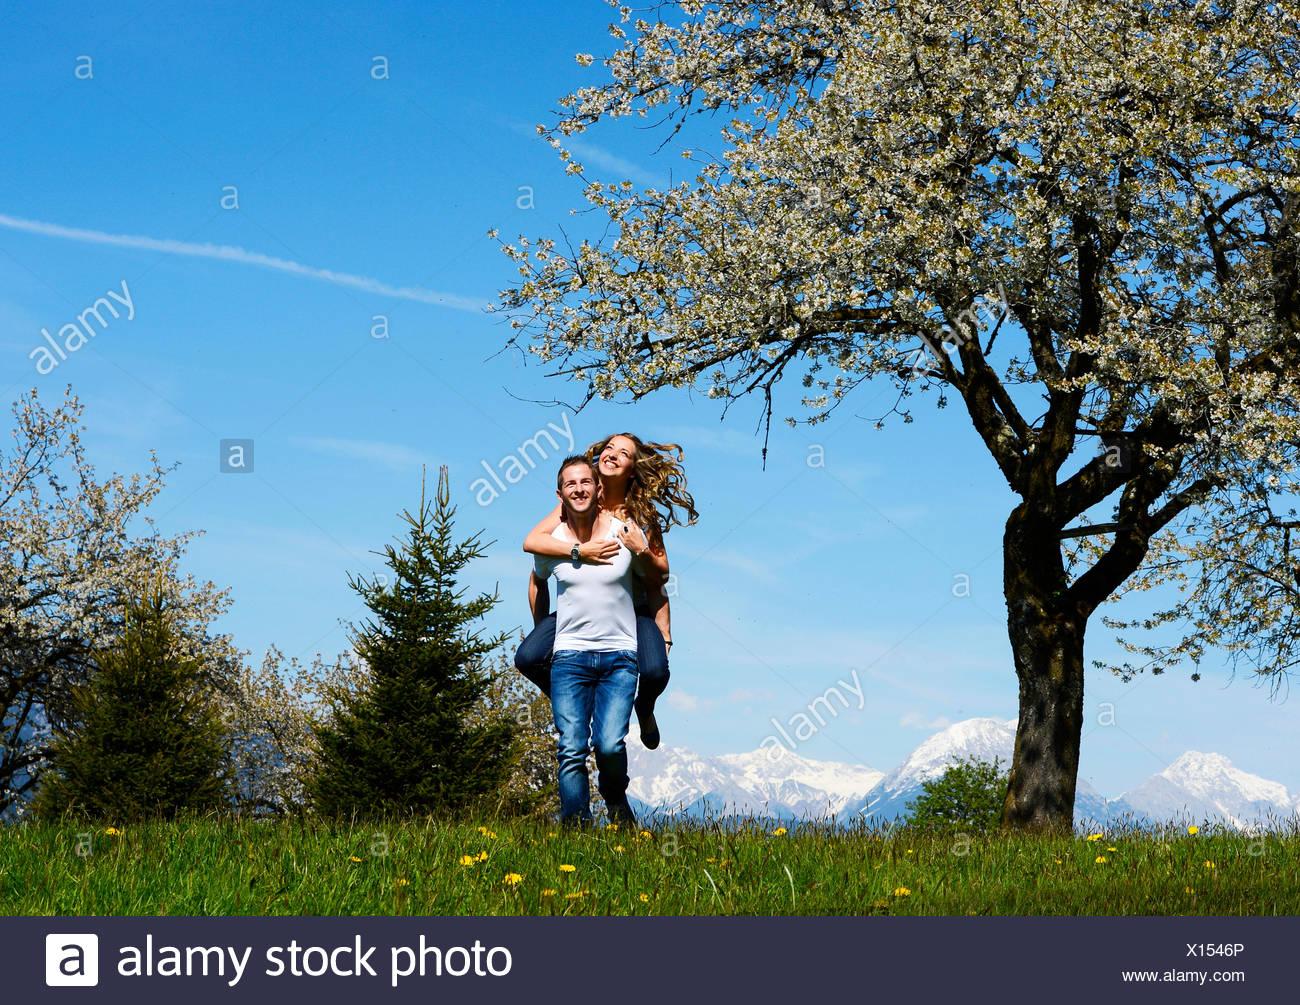 Uomo che porta una donna, sorridere di fronte a un albero di fioritura in primavera, Tirolo, Austria Immagini Stock